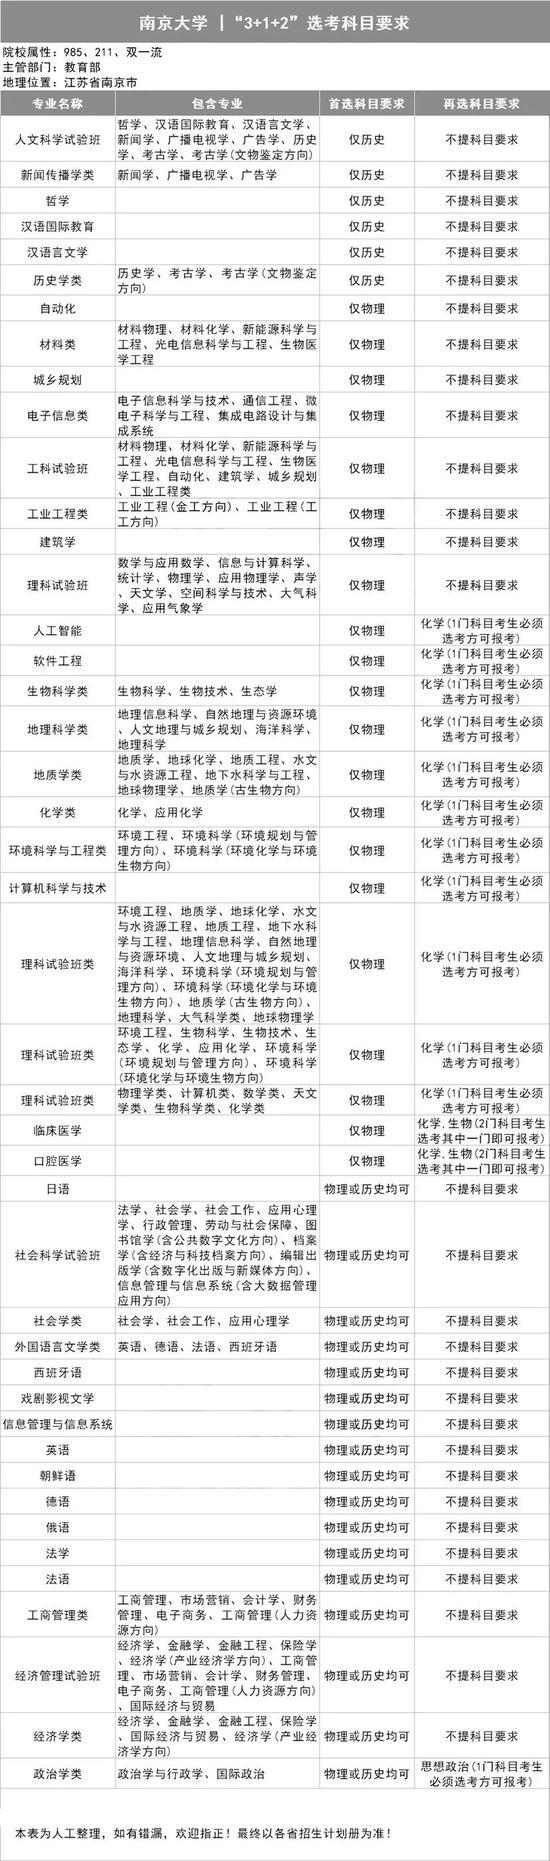 """明年新高考,江苏2所高校公布""""3+1+2""""选科要求"""